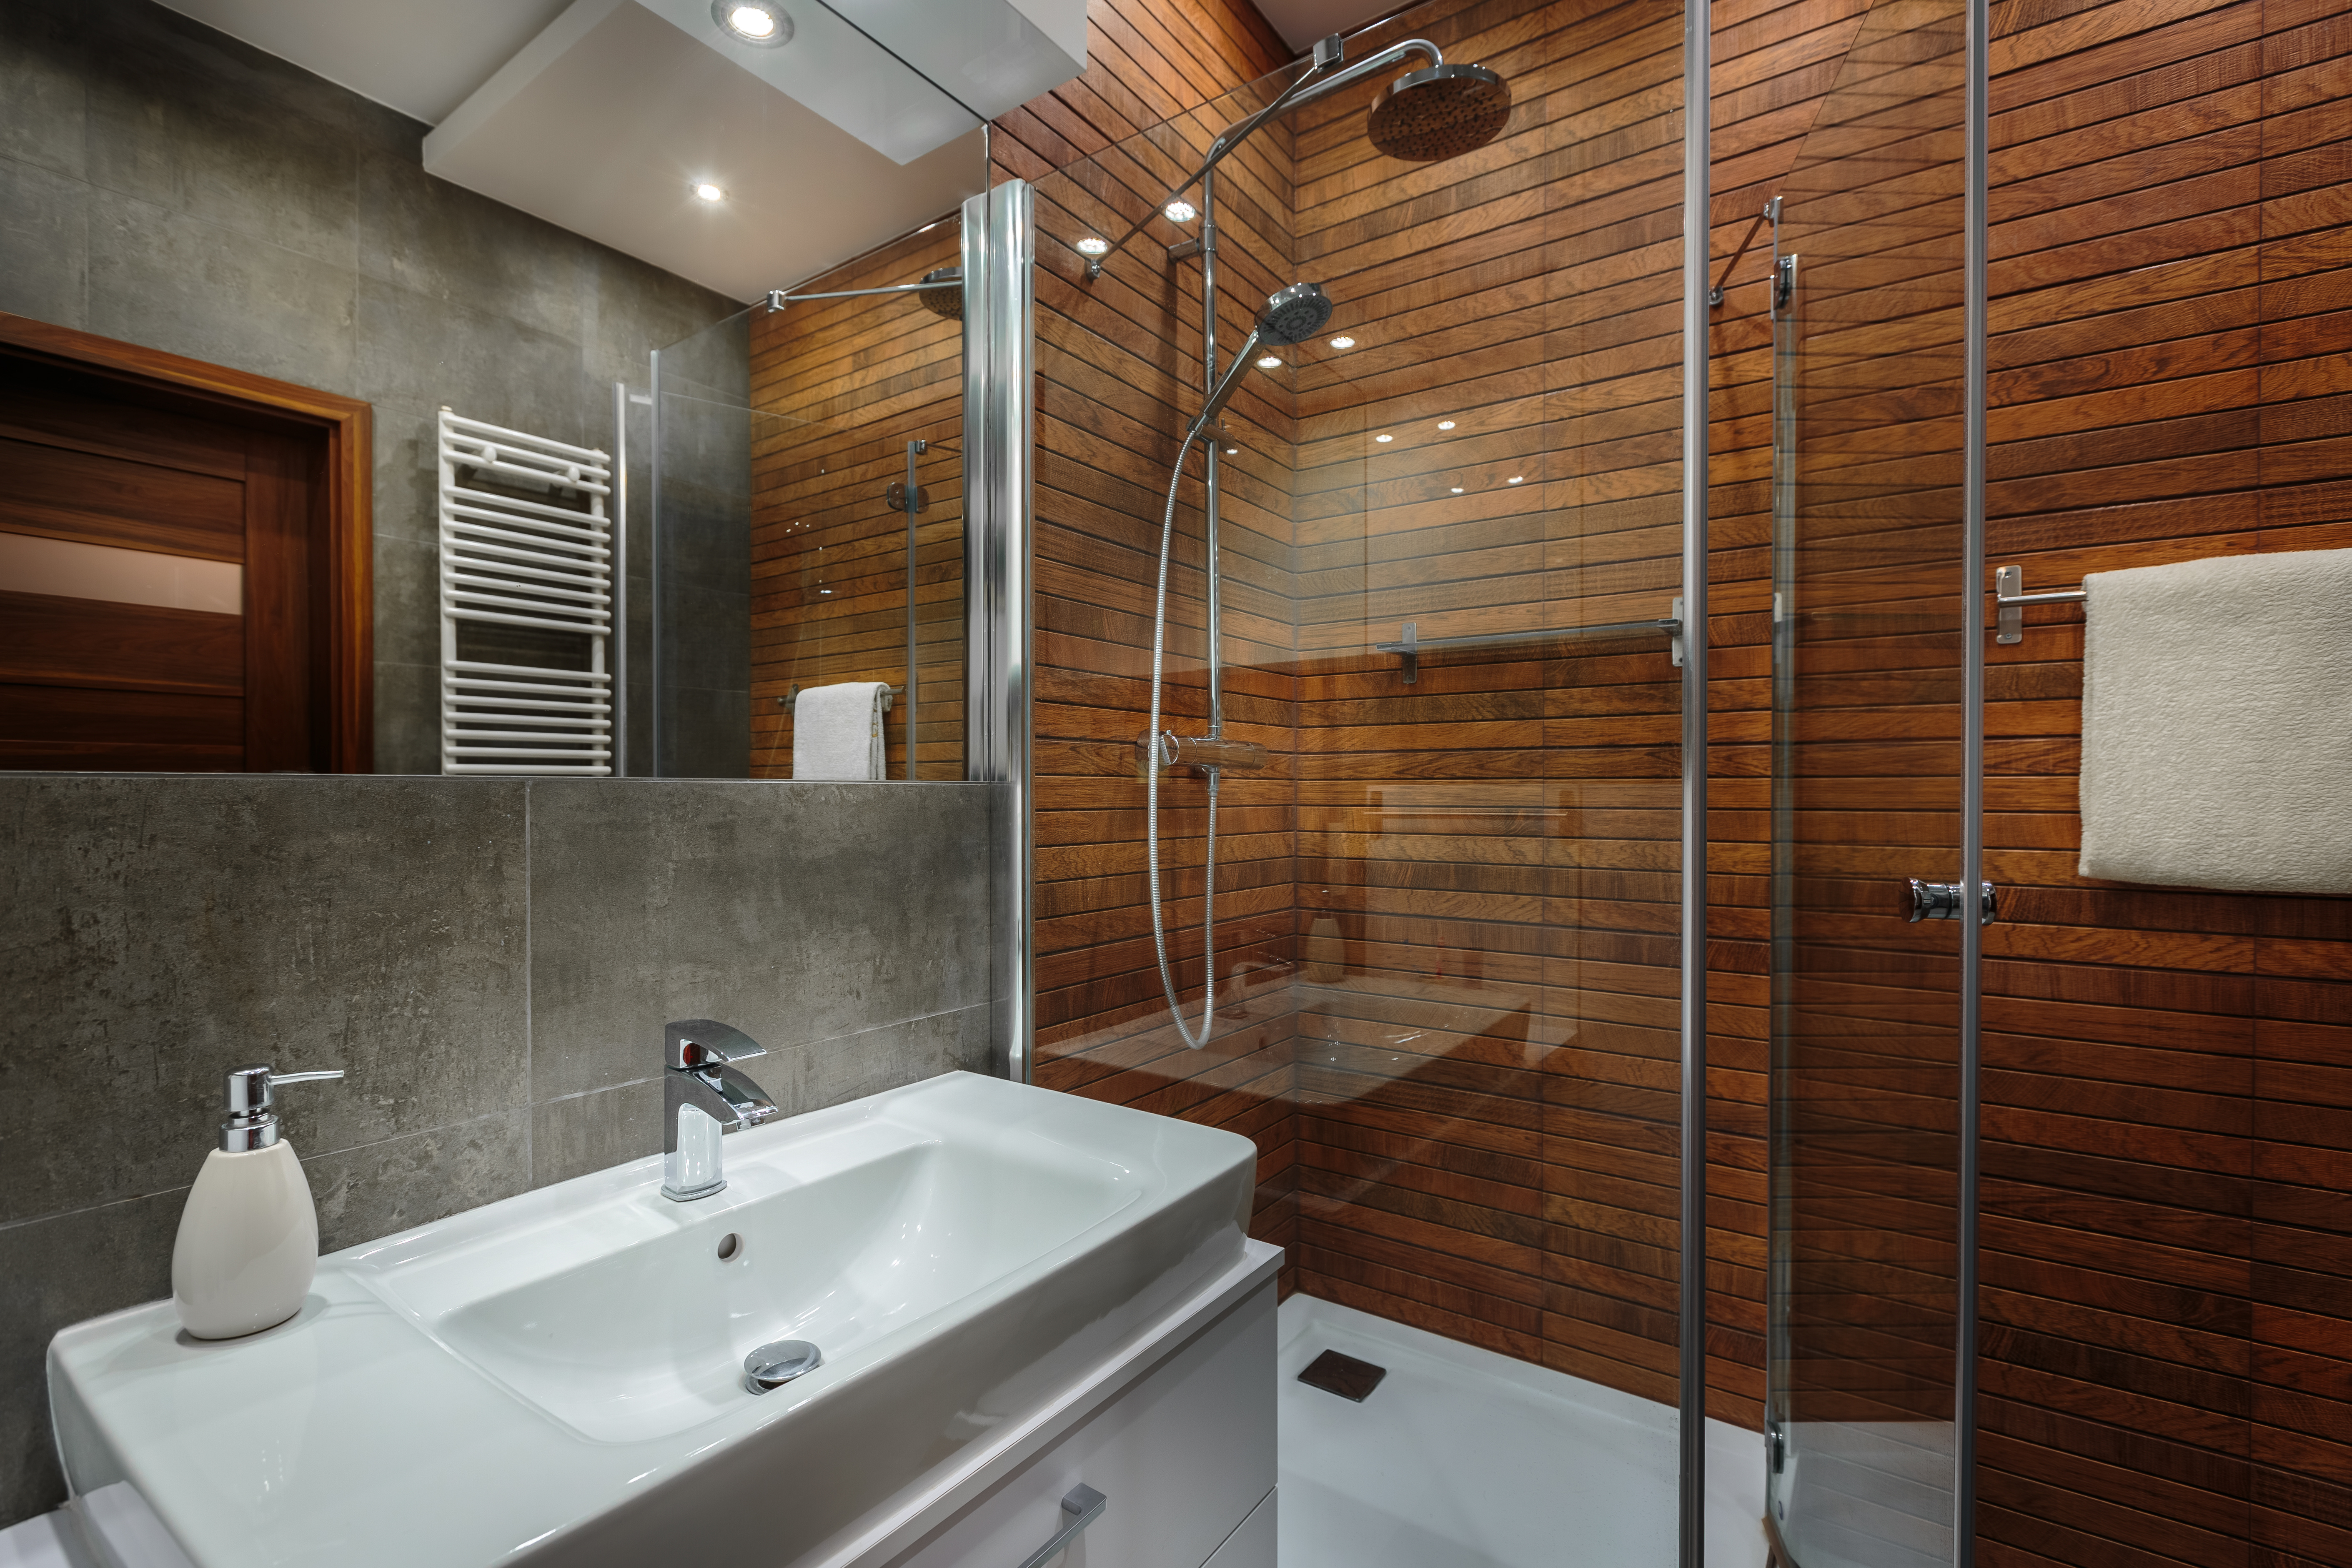 Enduit Carrelage Salle De Bain choisir un revêtement mural pour salle de bain